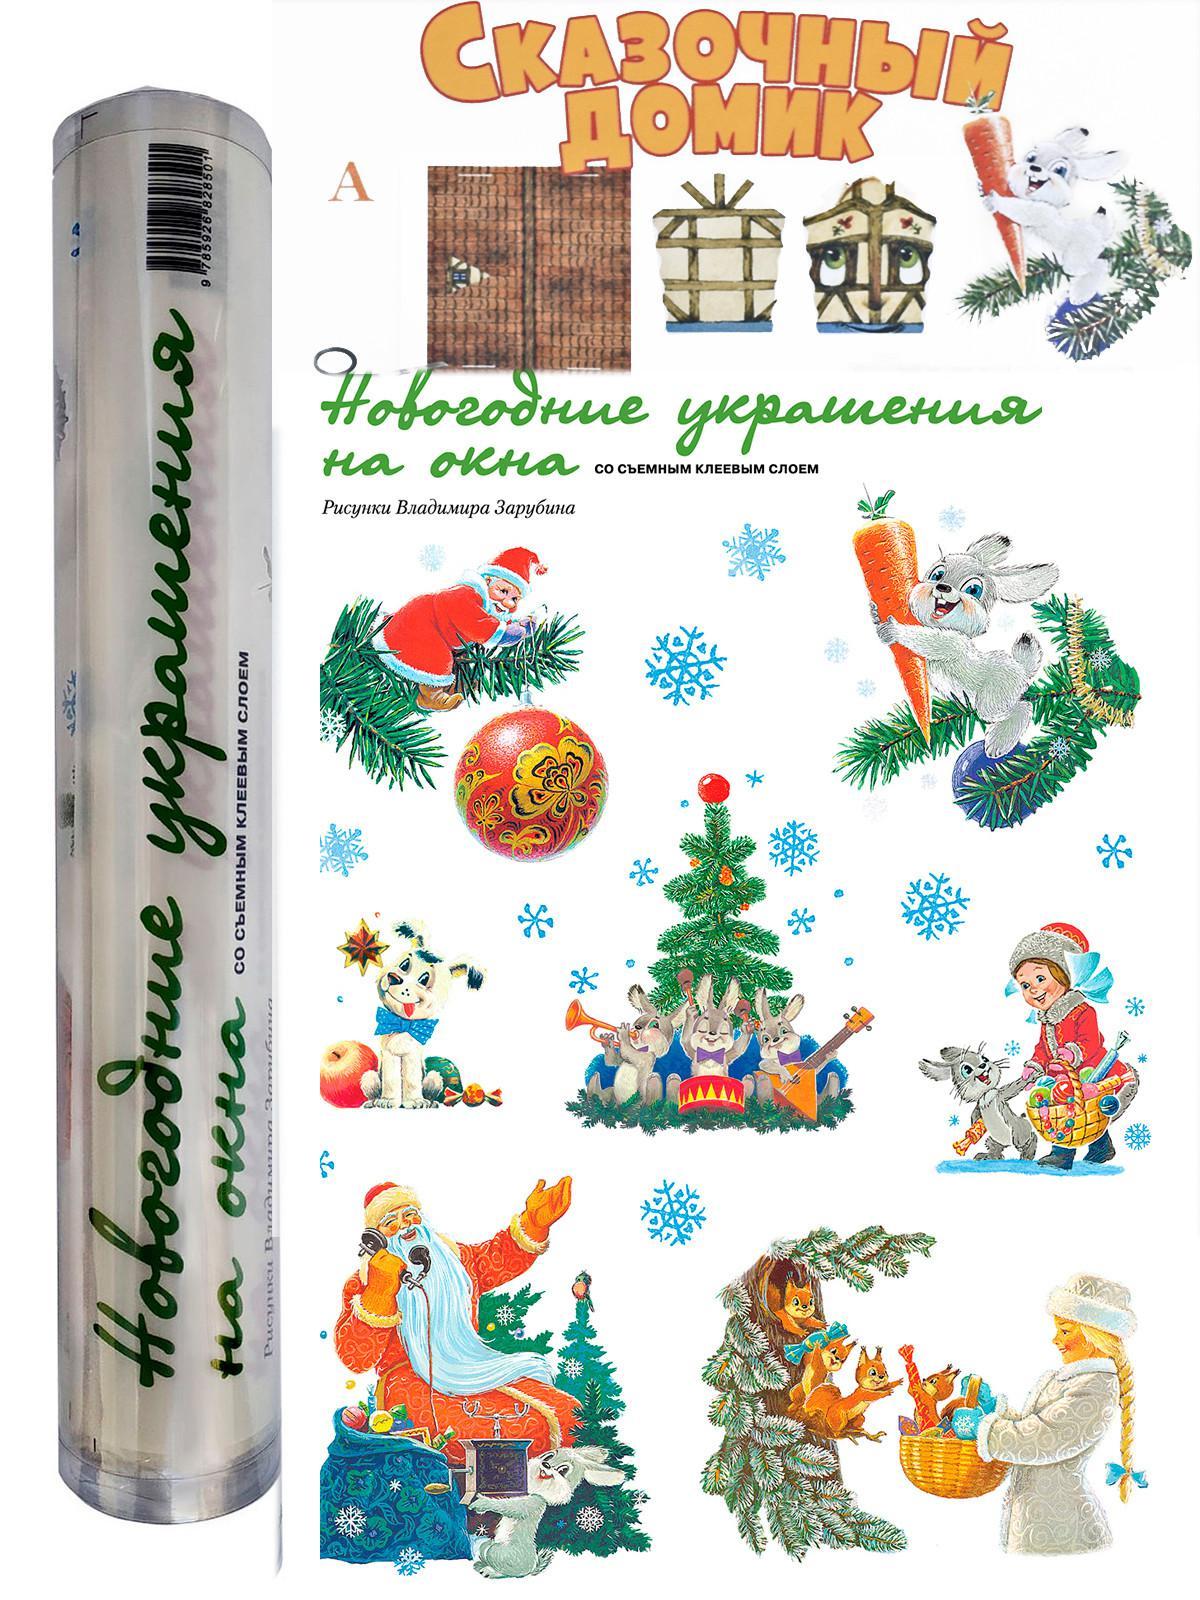 Новогодние украшения на окна: Заяц с морковкой. Сказочный домик (количество томов: 2)